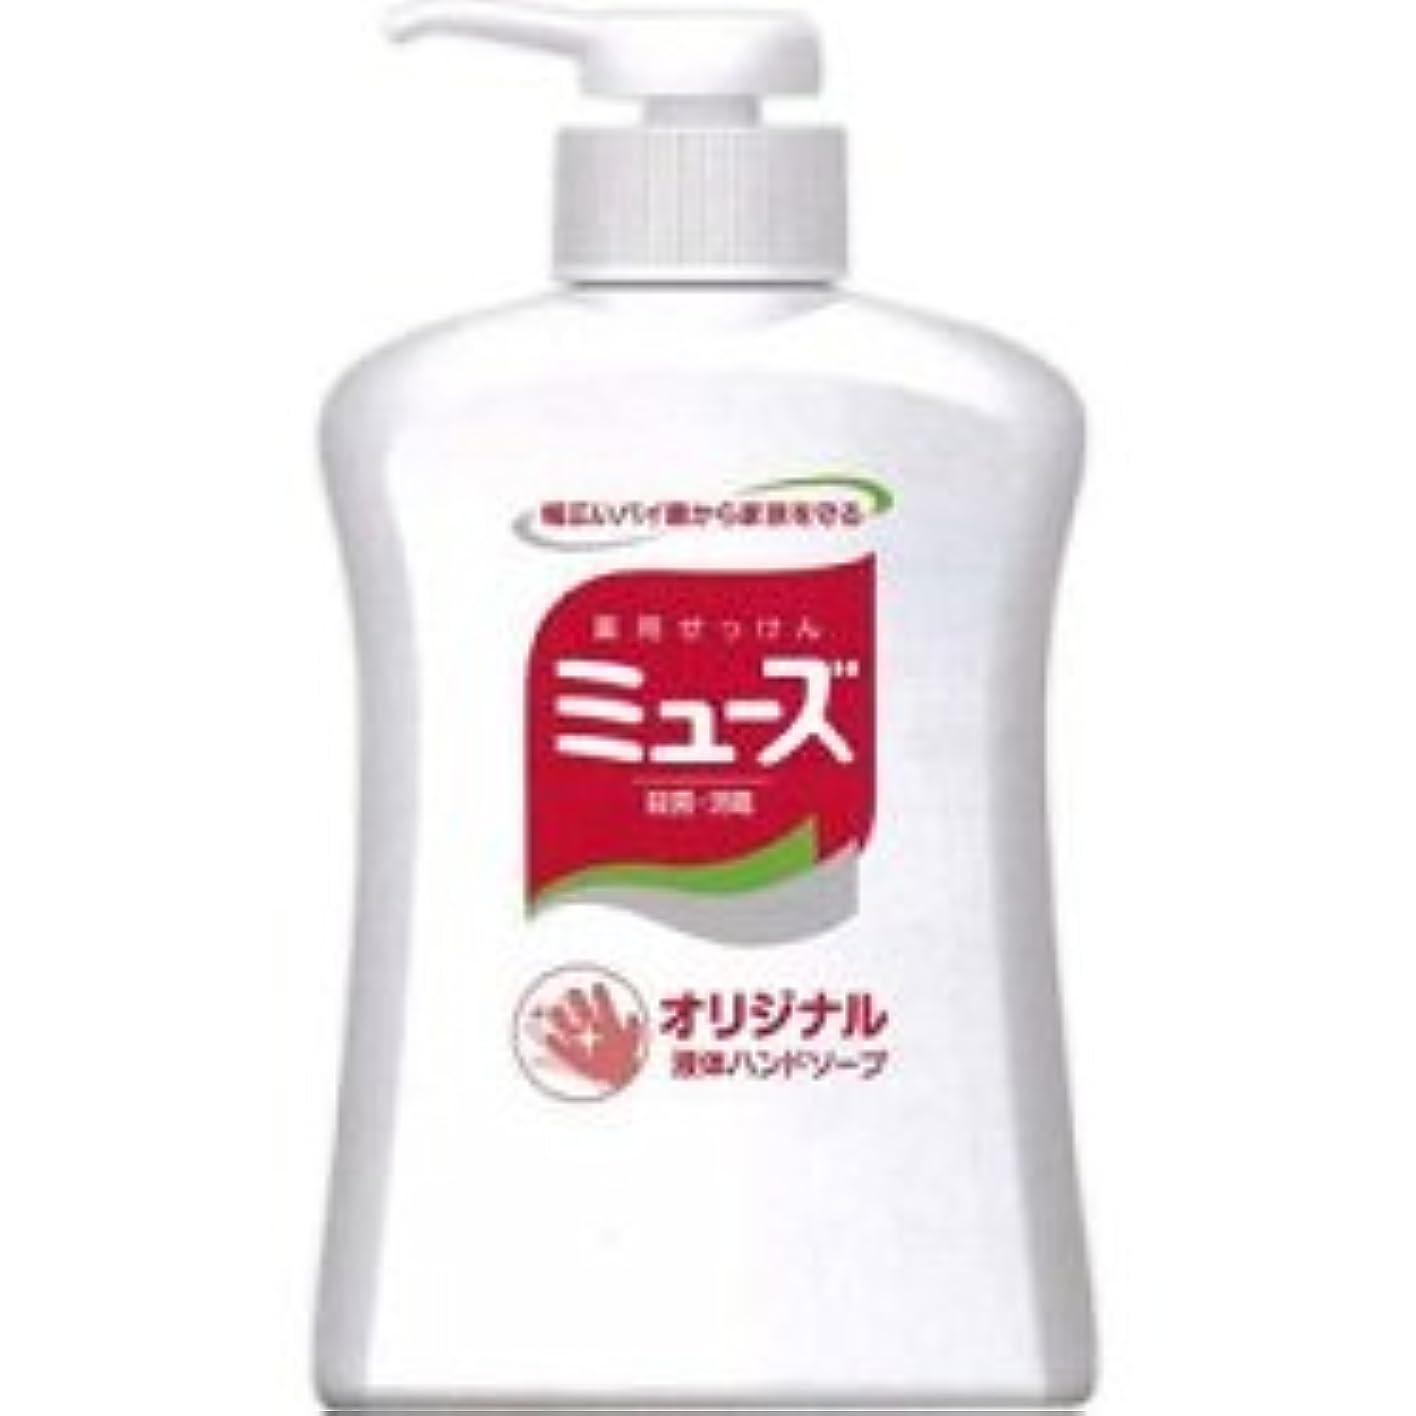 怒るのスコアマスク【アース製薬】アース 液体ミューズ オリジナル 250ml ×20個セット